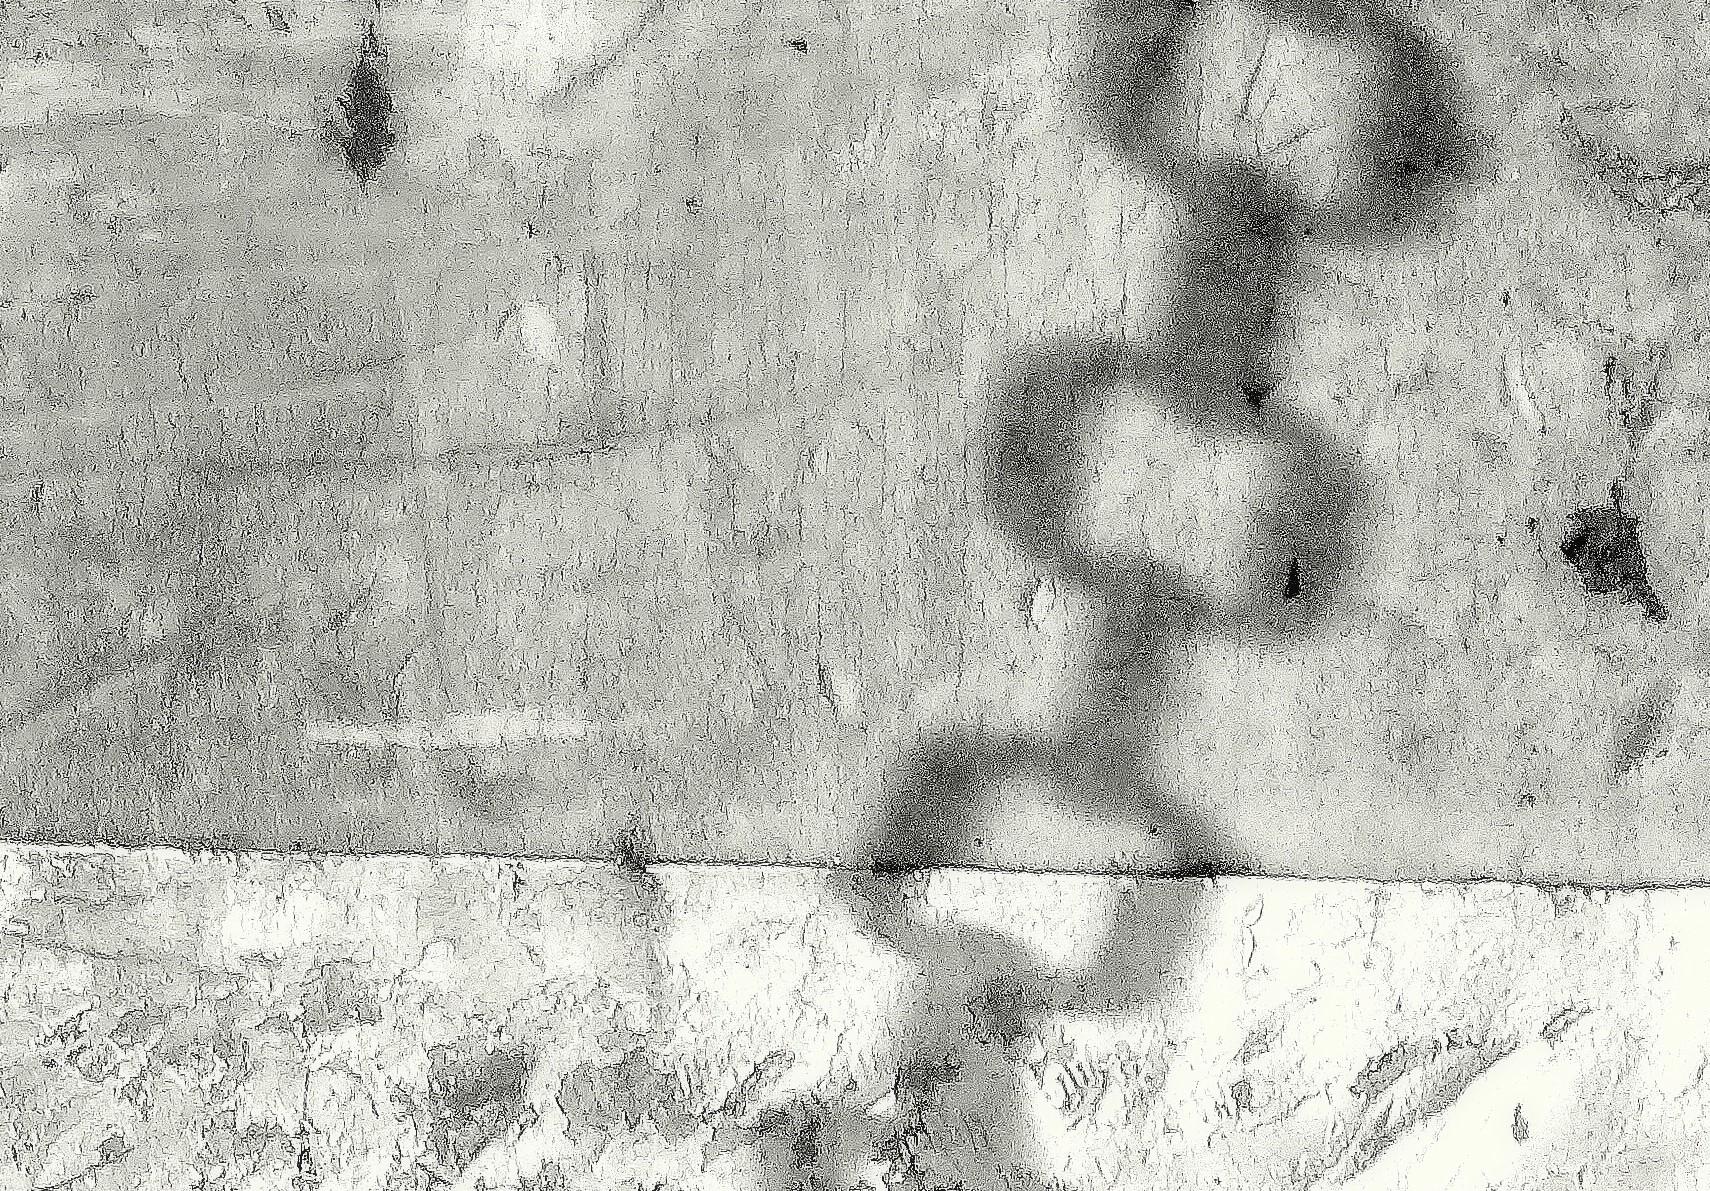 enchainé_noir_et_blanc